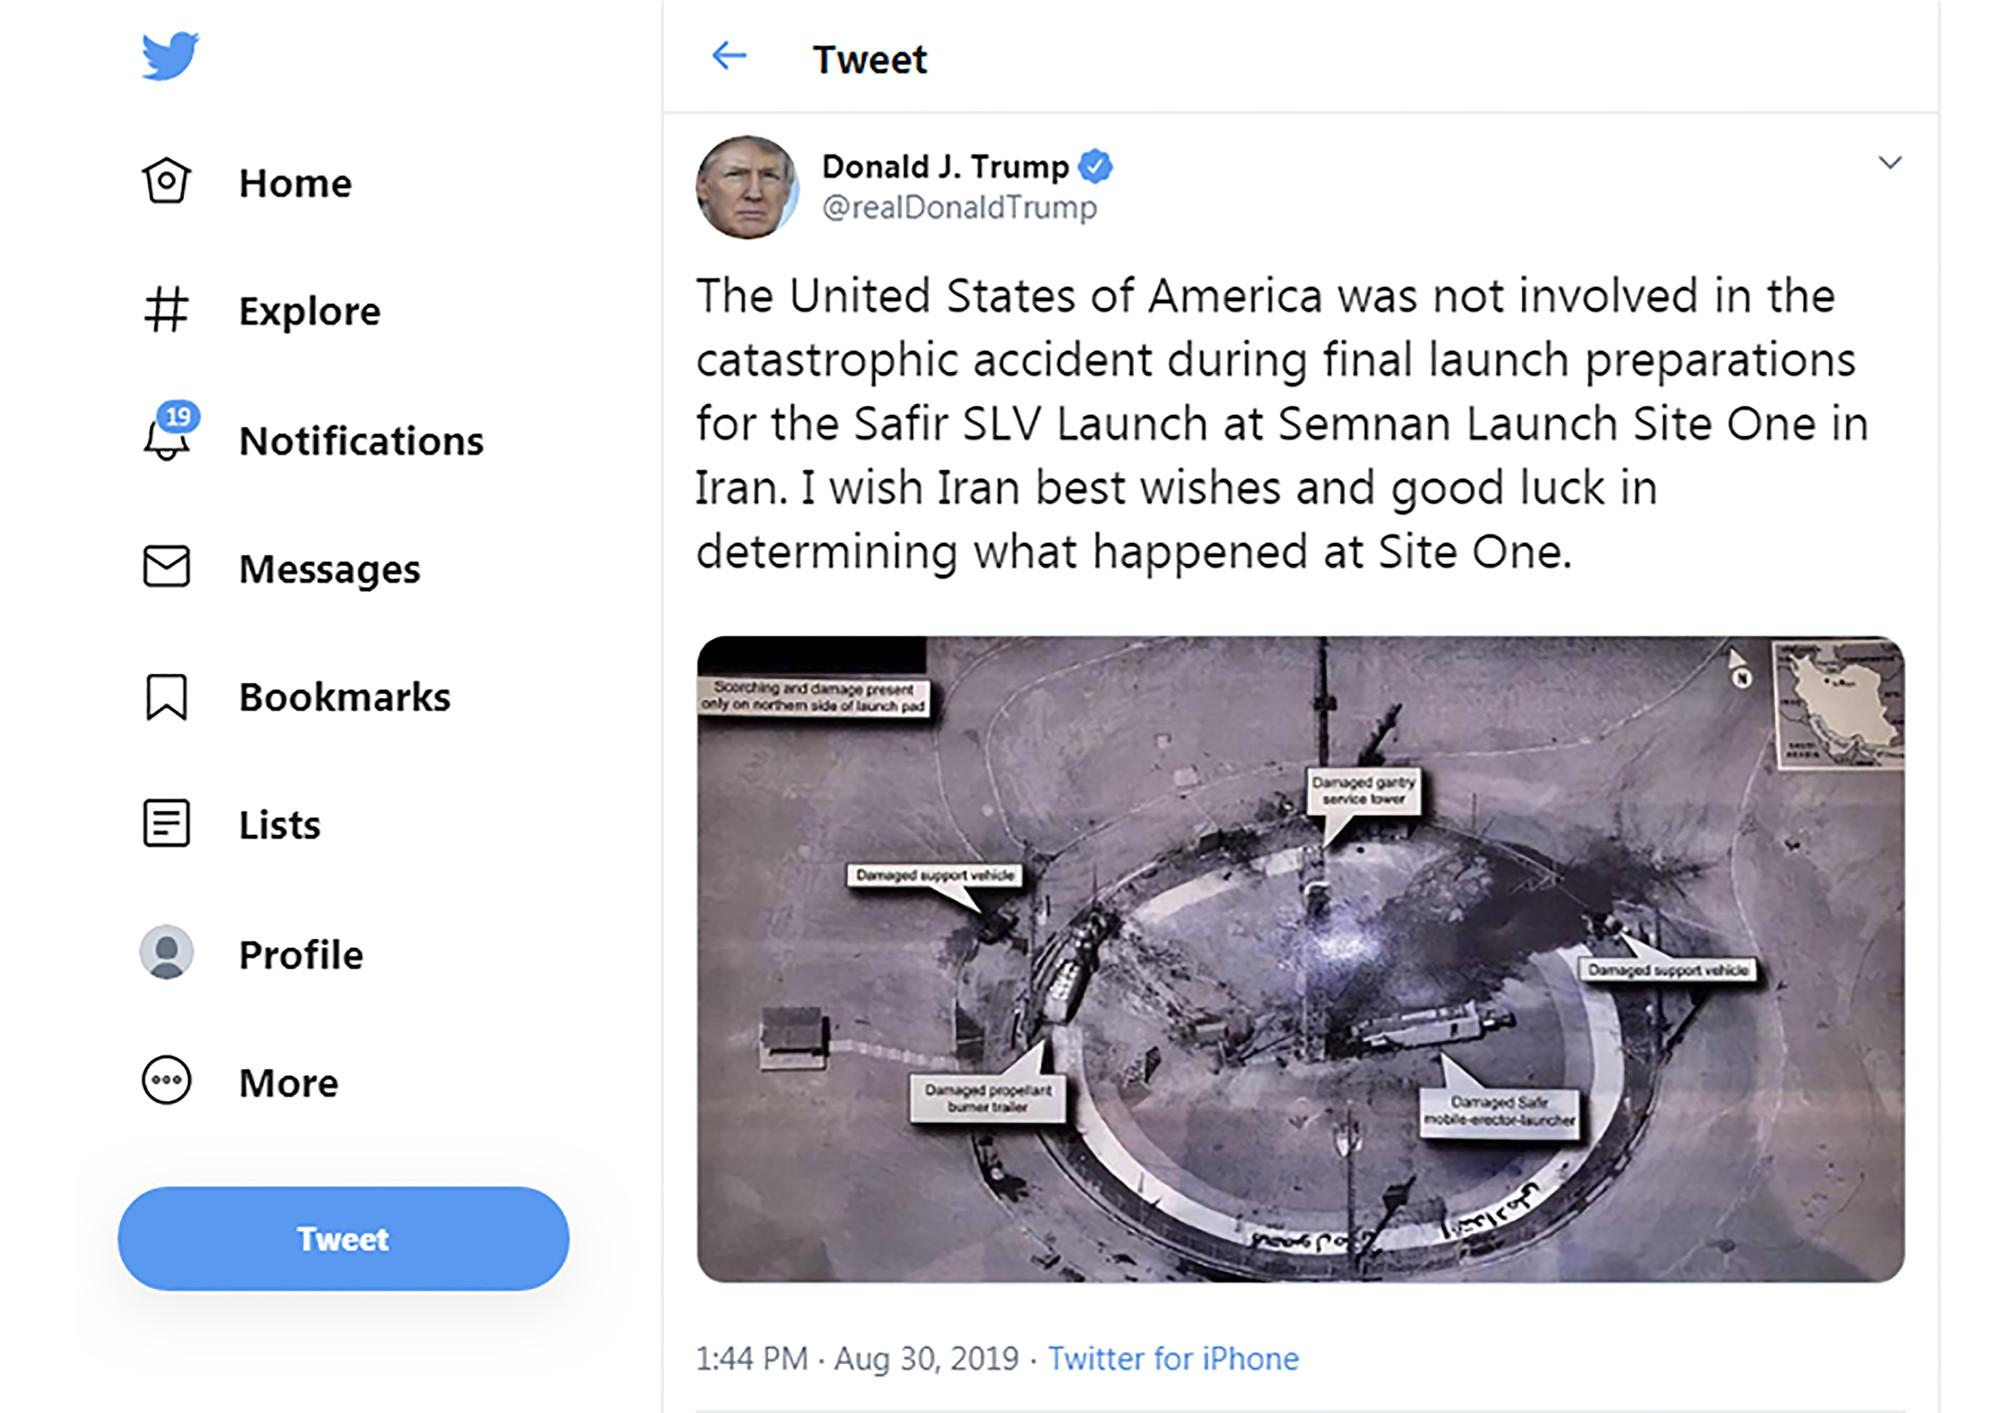 特朗普總統於2019年8月30日貼出的衛星照片透露美國間諜衛星技術的先進程度。(Handout/AFP)